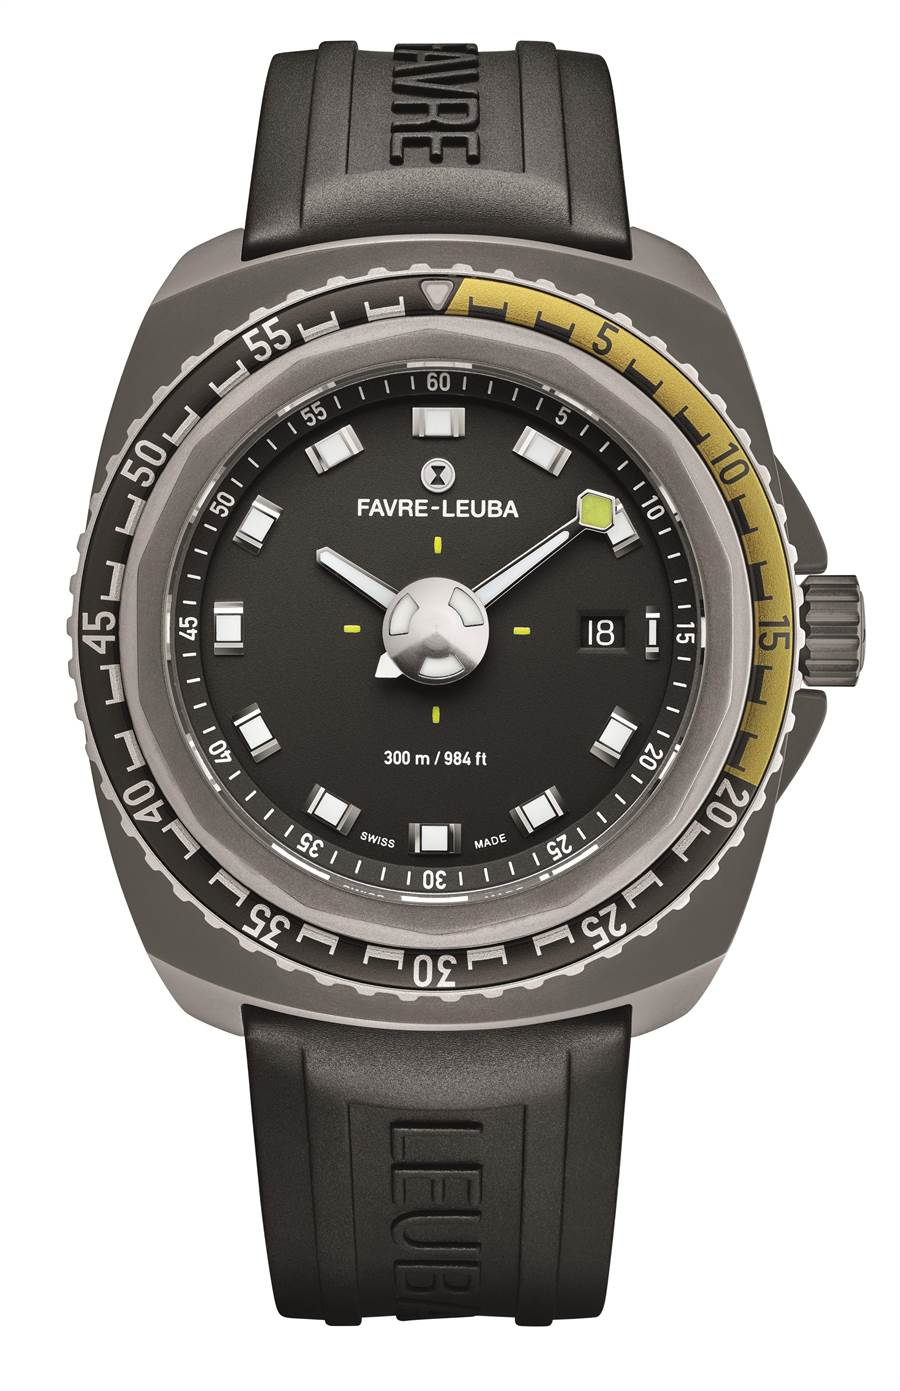 域峰表Raider系列Deep Blue Passion潛水表,採用今年最新黃色表圈和灰色表殼,售價7萬9000元。(Favre-Leuba提供)